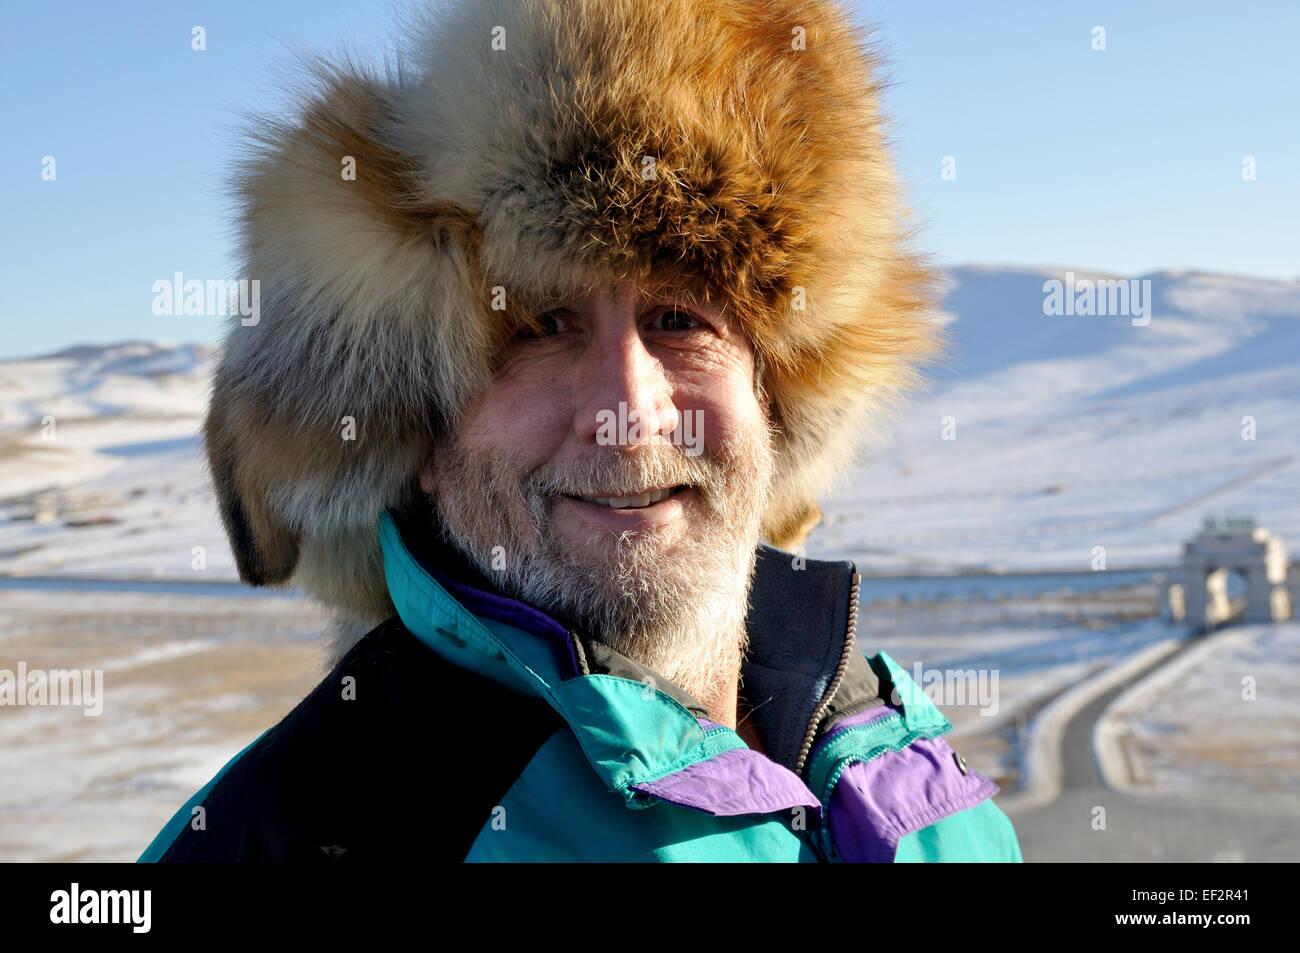 25be8690483 Caucasian Man Wearing Fur Hat Stock Photos   Caucasian Man Wearing ...